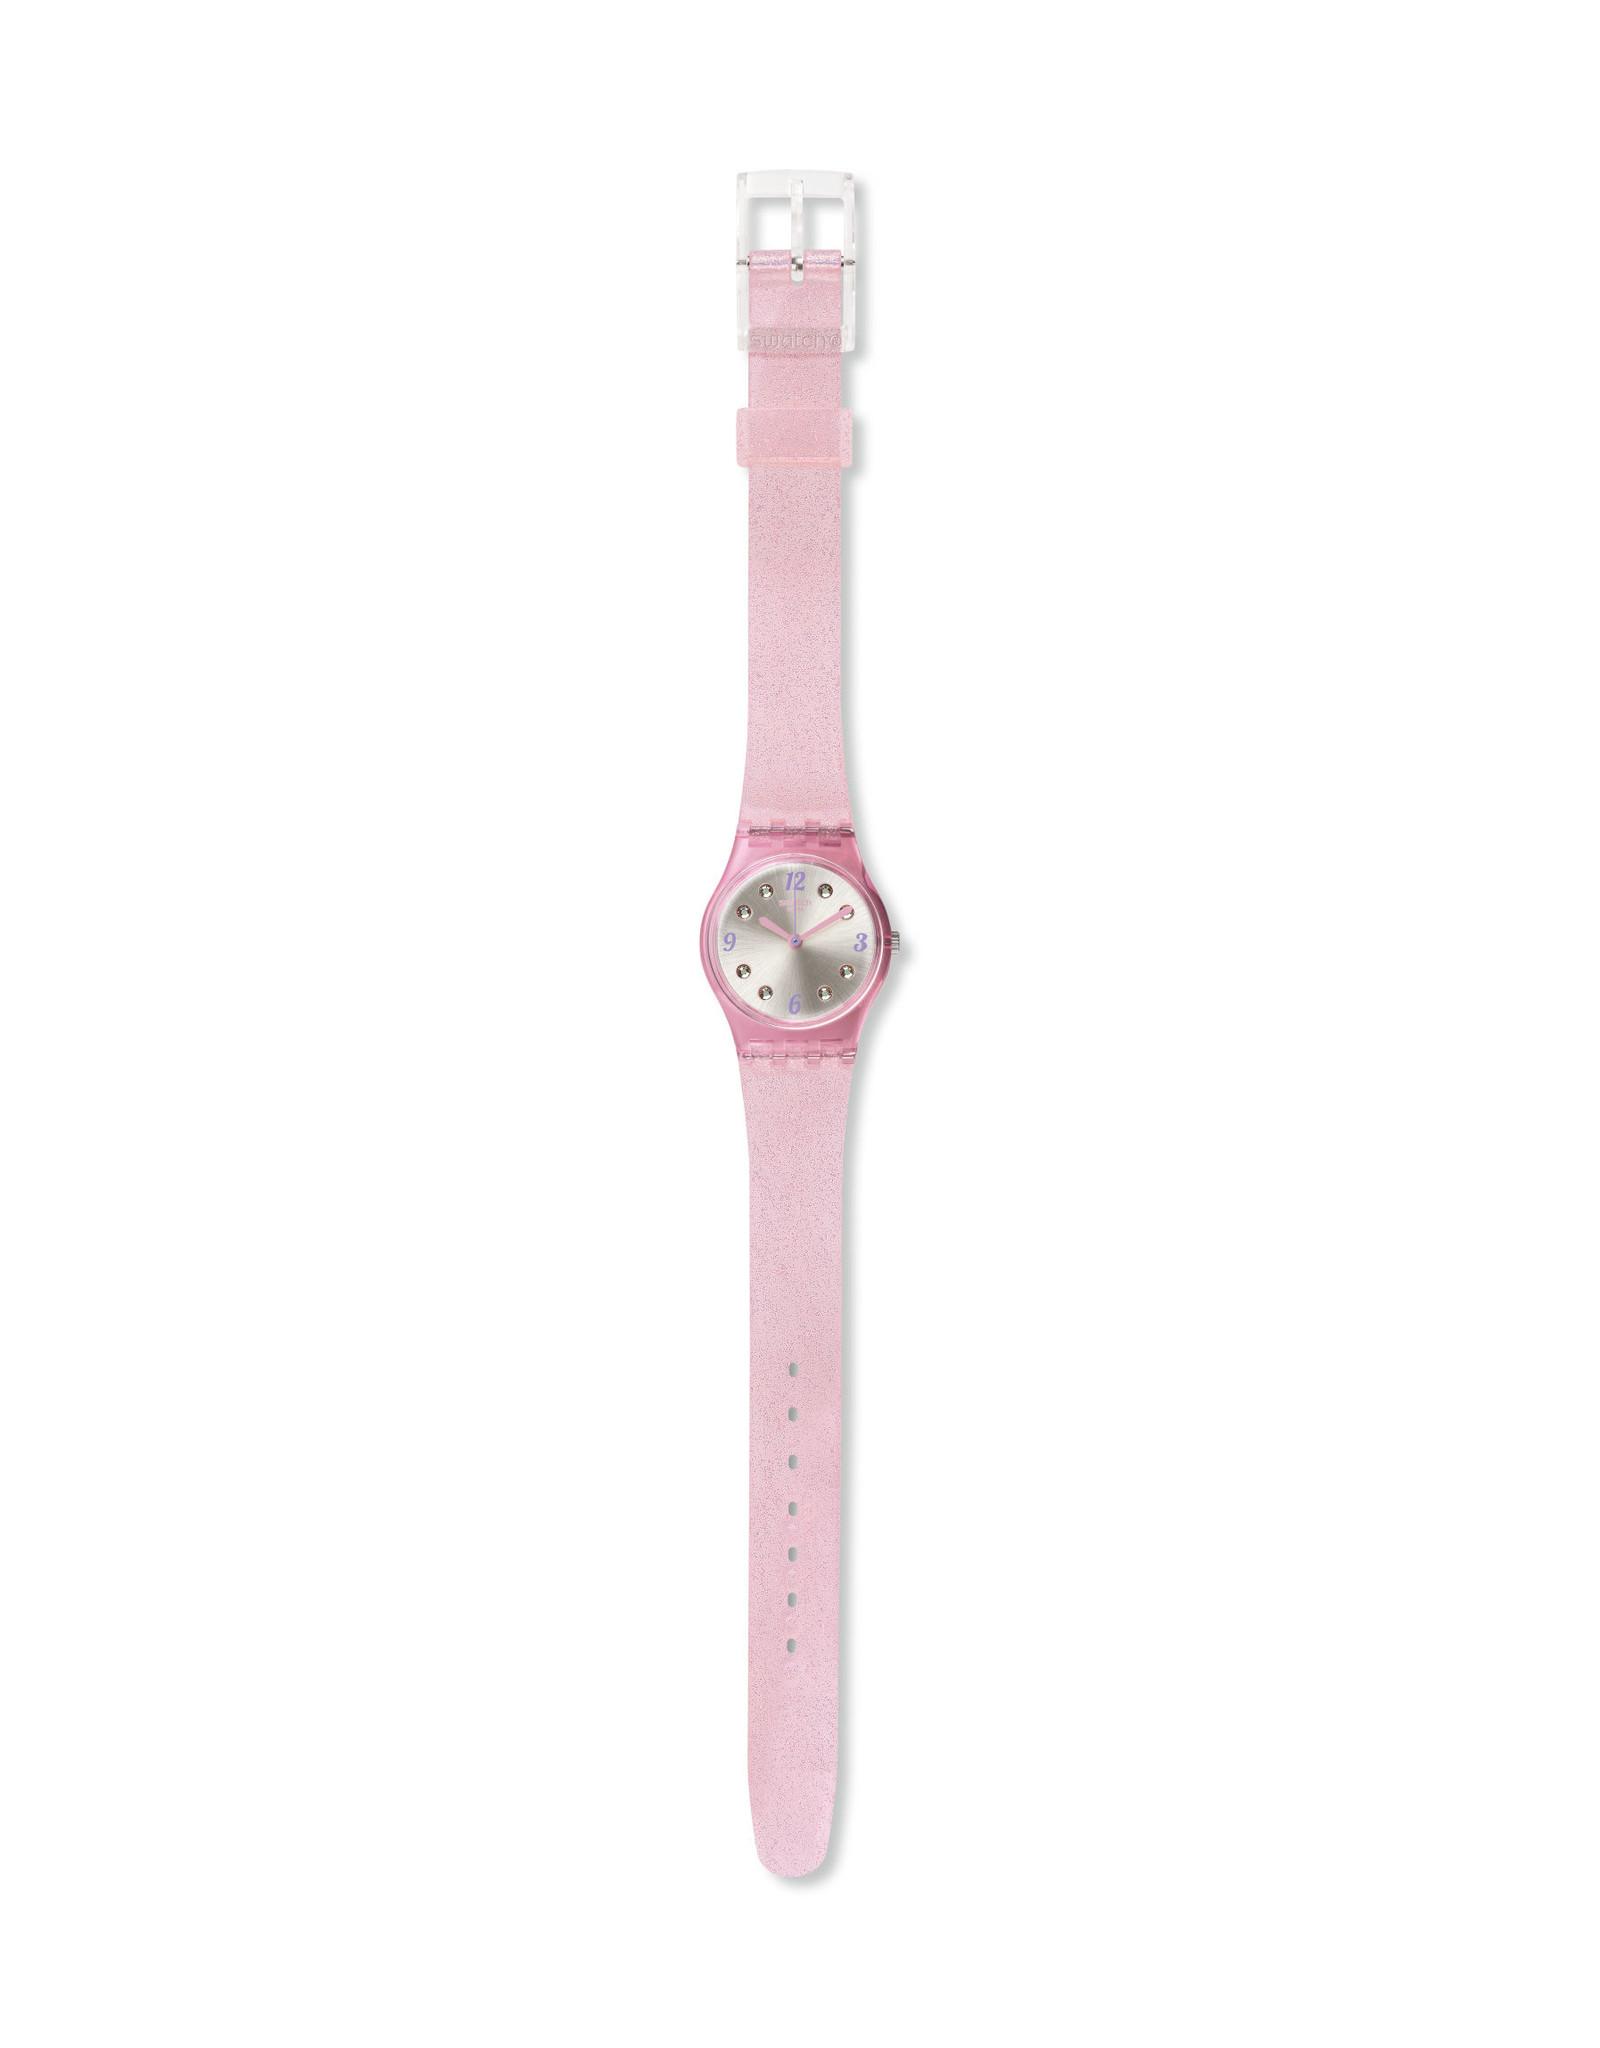 Swatch Swatch LP132C ROSE GLISTAR